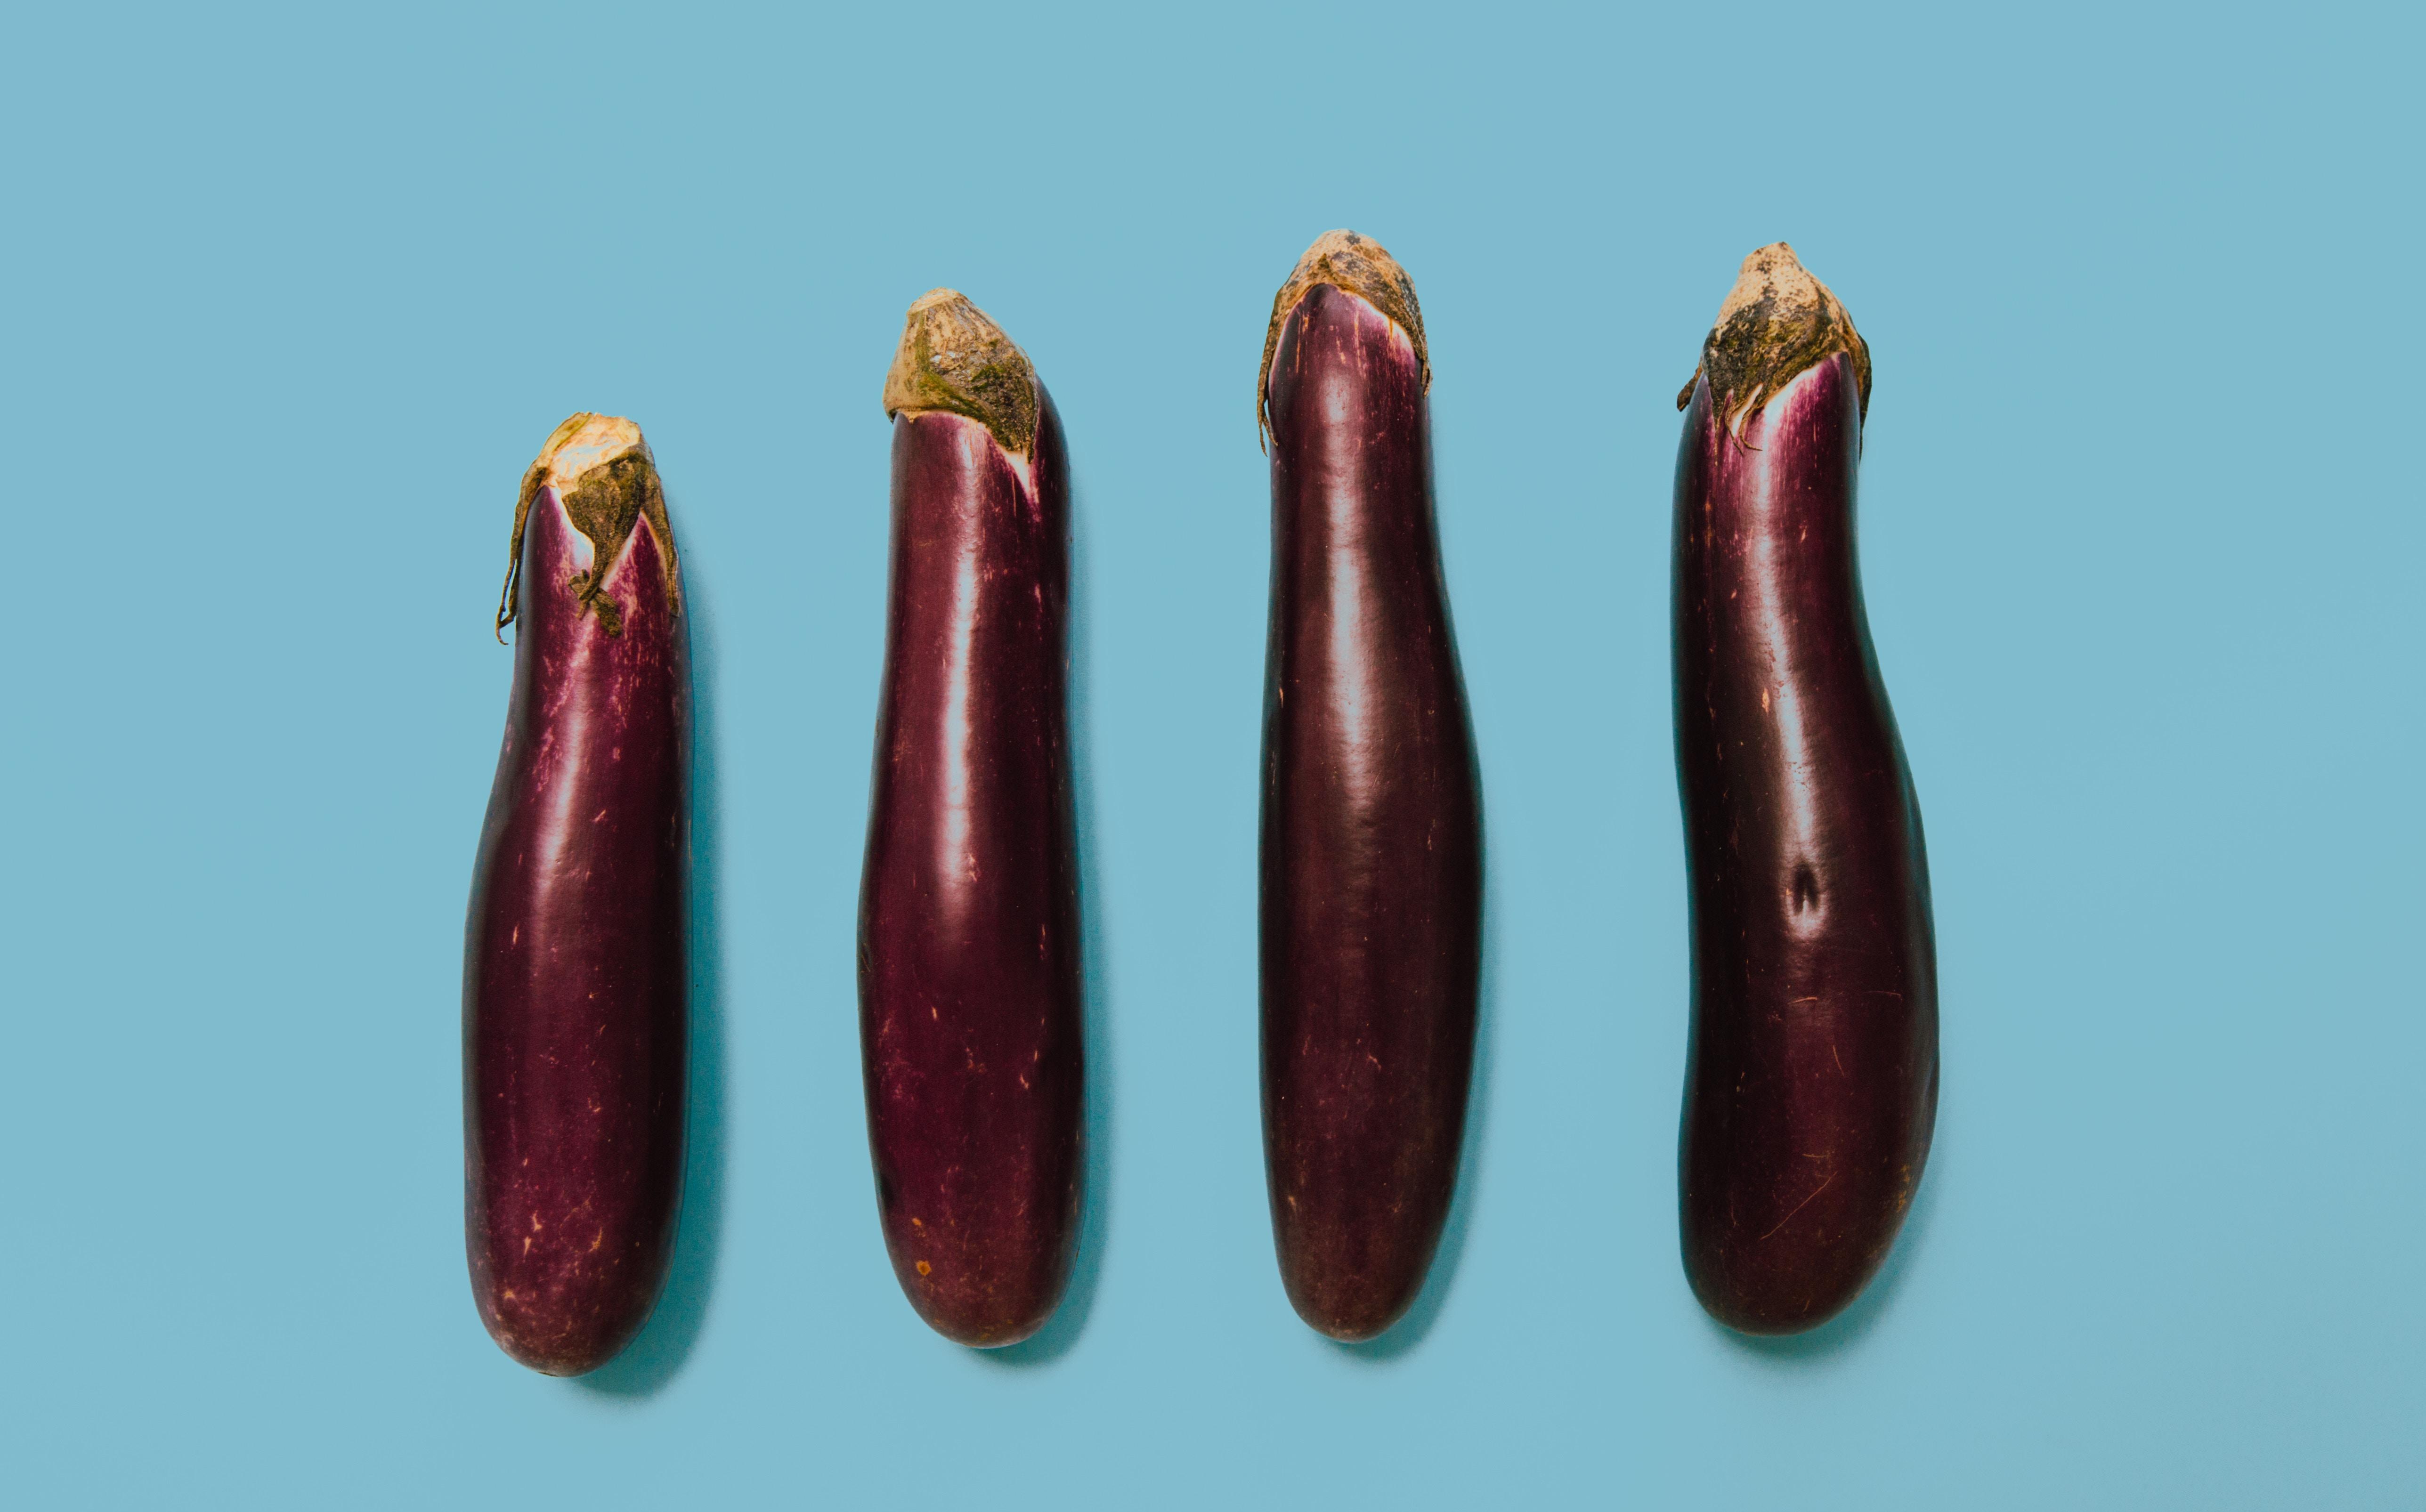 Fără pastile. Dieta pentru creşterea potenţei sexuale | rucomovetrans.ro